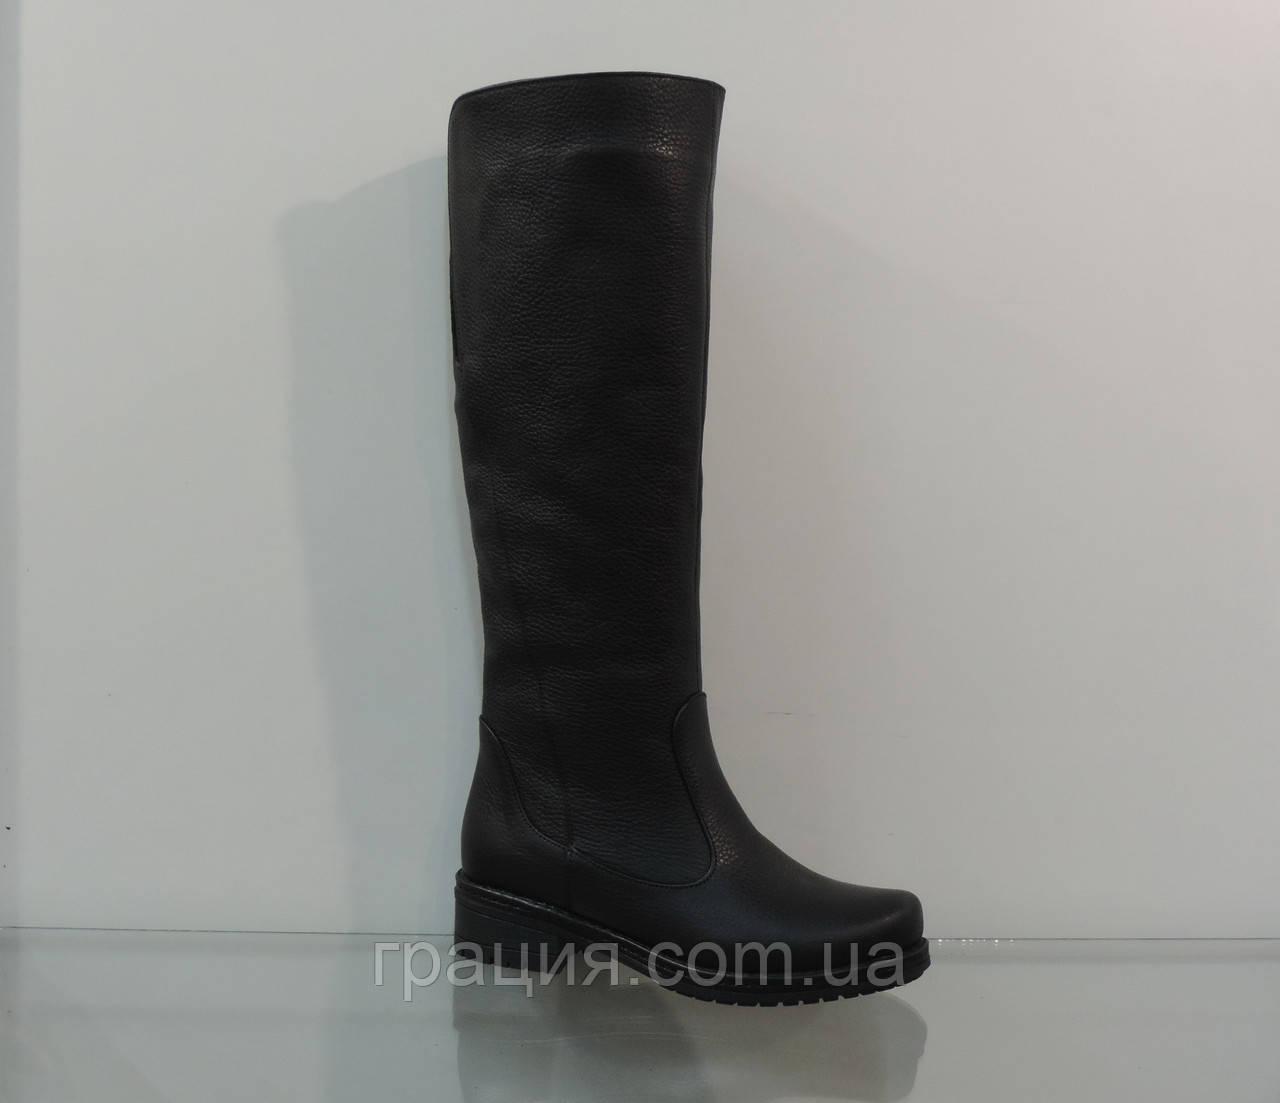 Зимові жіночі шкіряні чобітки чорні